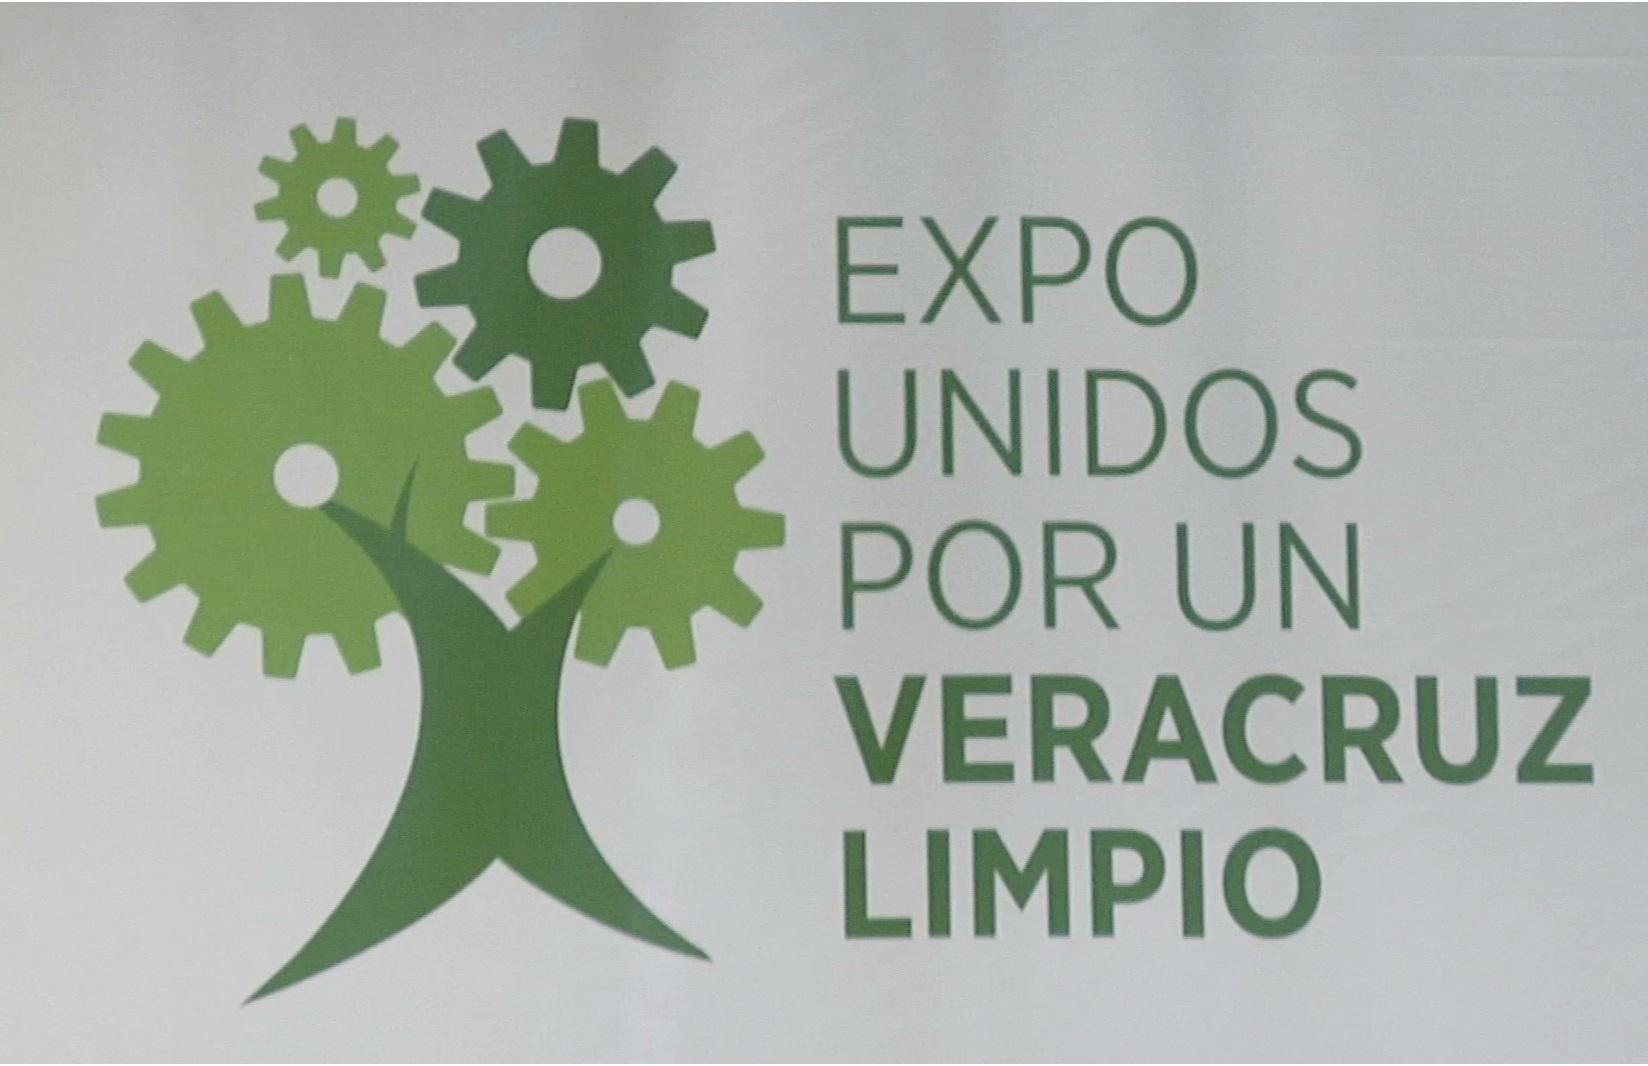 Realizarán la Expo Unidos por un Veracruz limpio